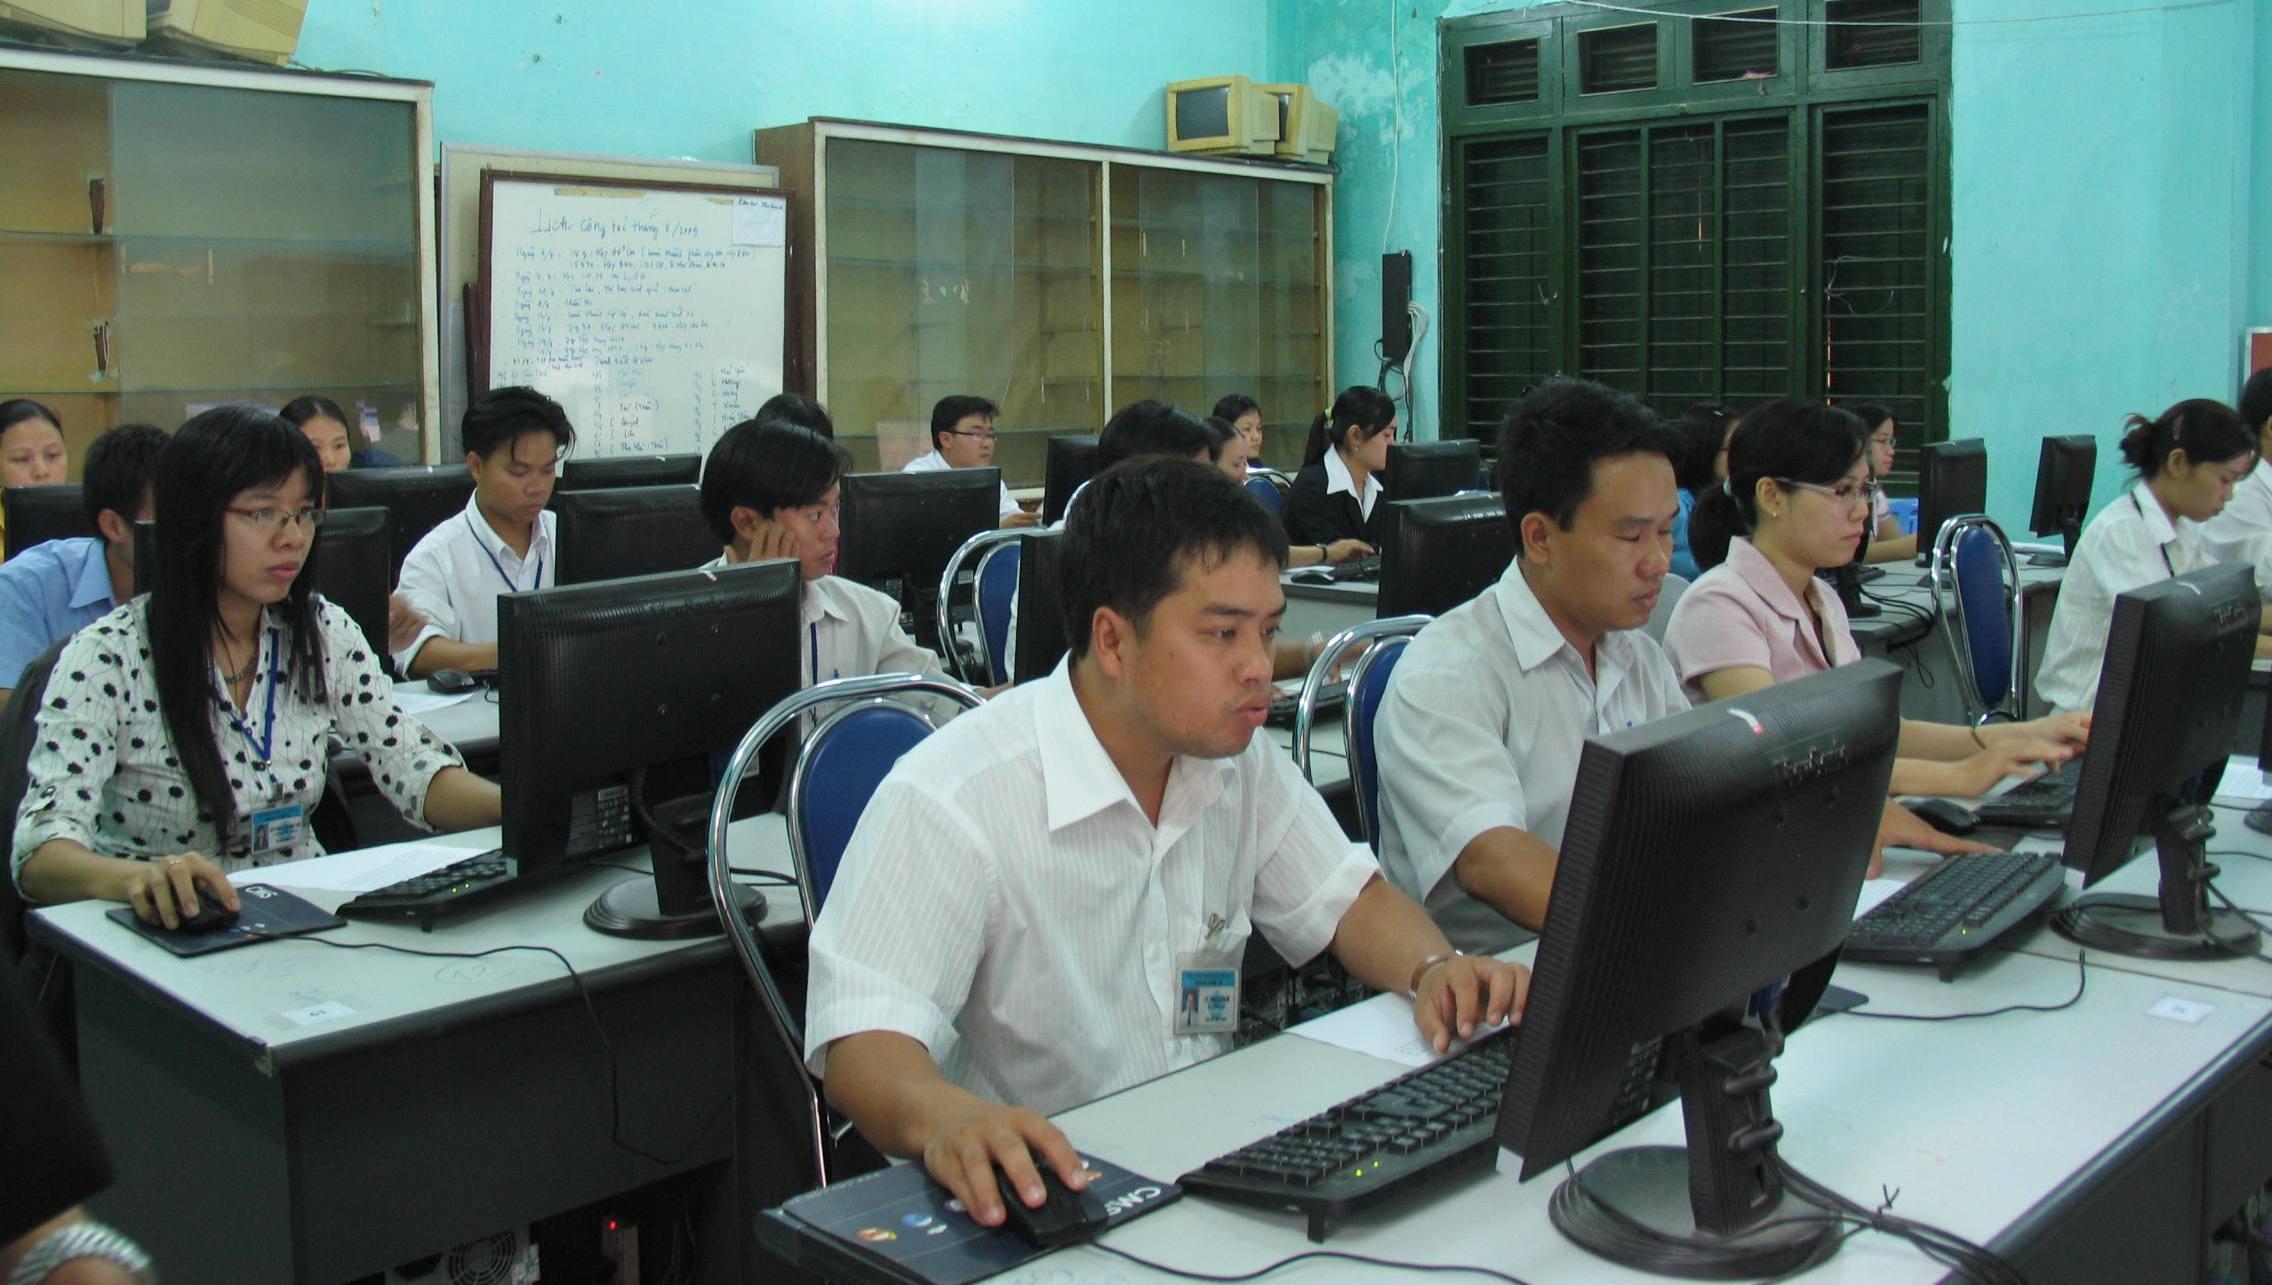 Tổ chức chấm phúc khảo bài thi kỳ thi tuyển công chức tỉnh năm 2016